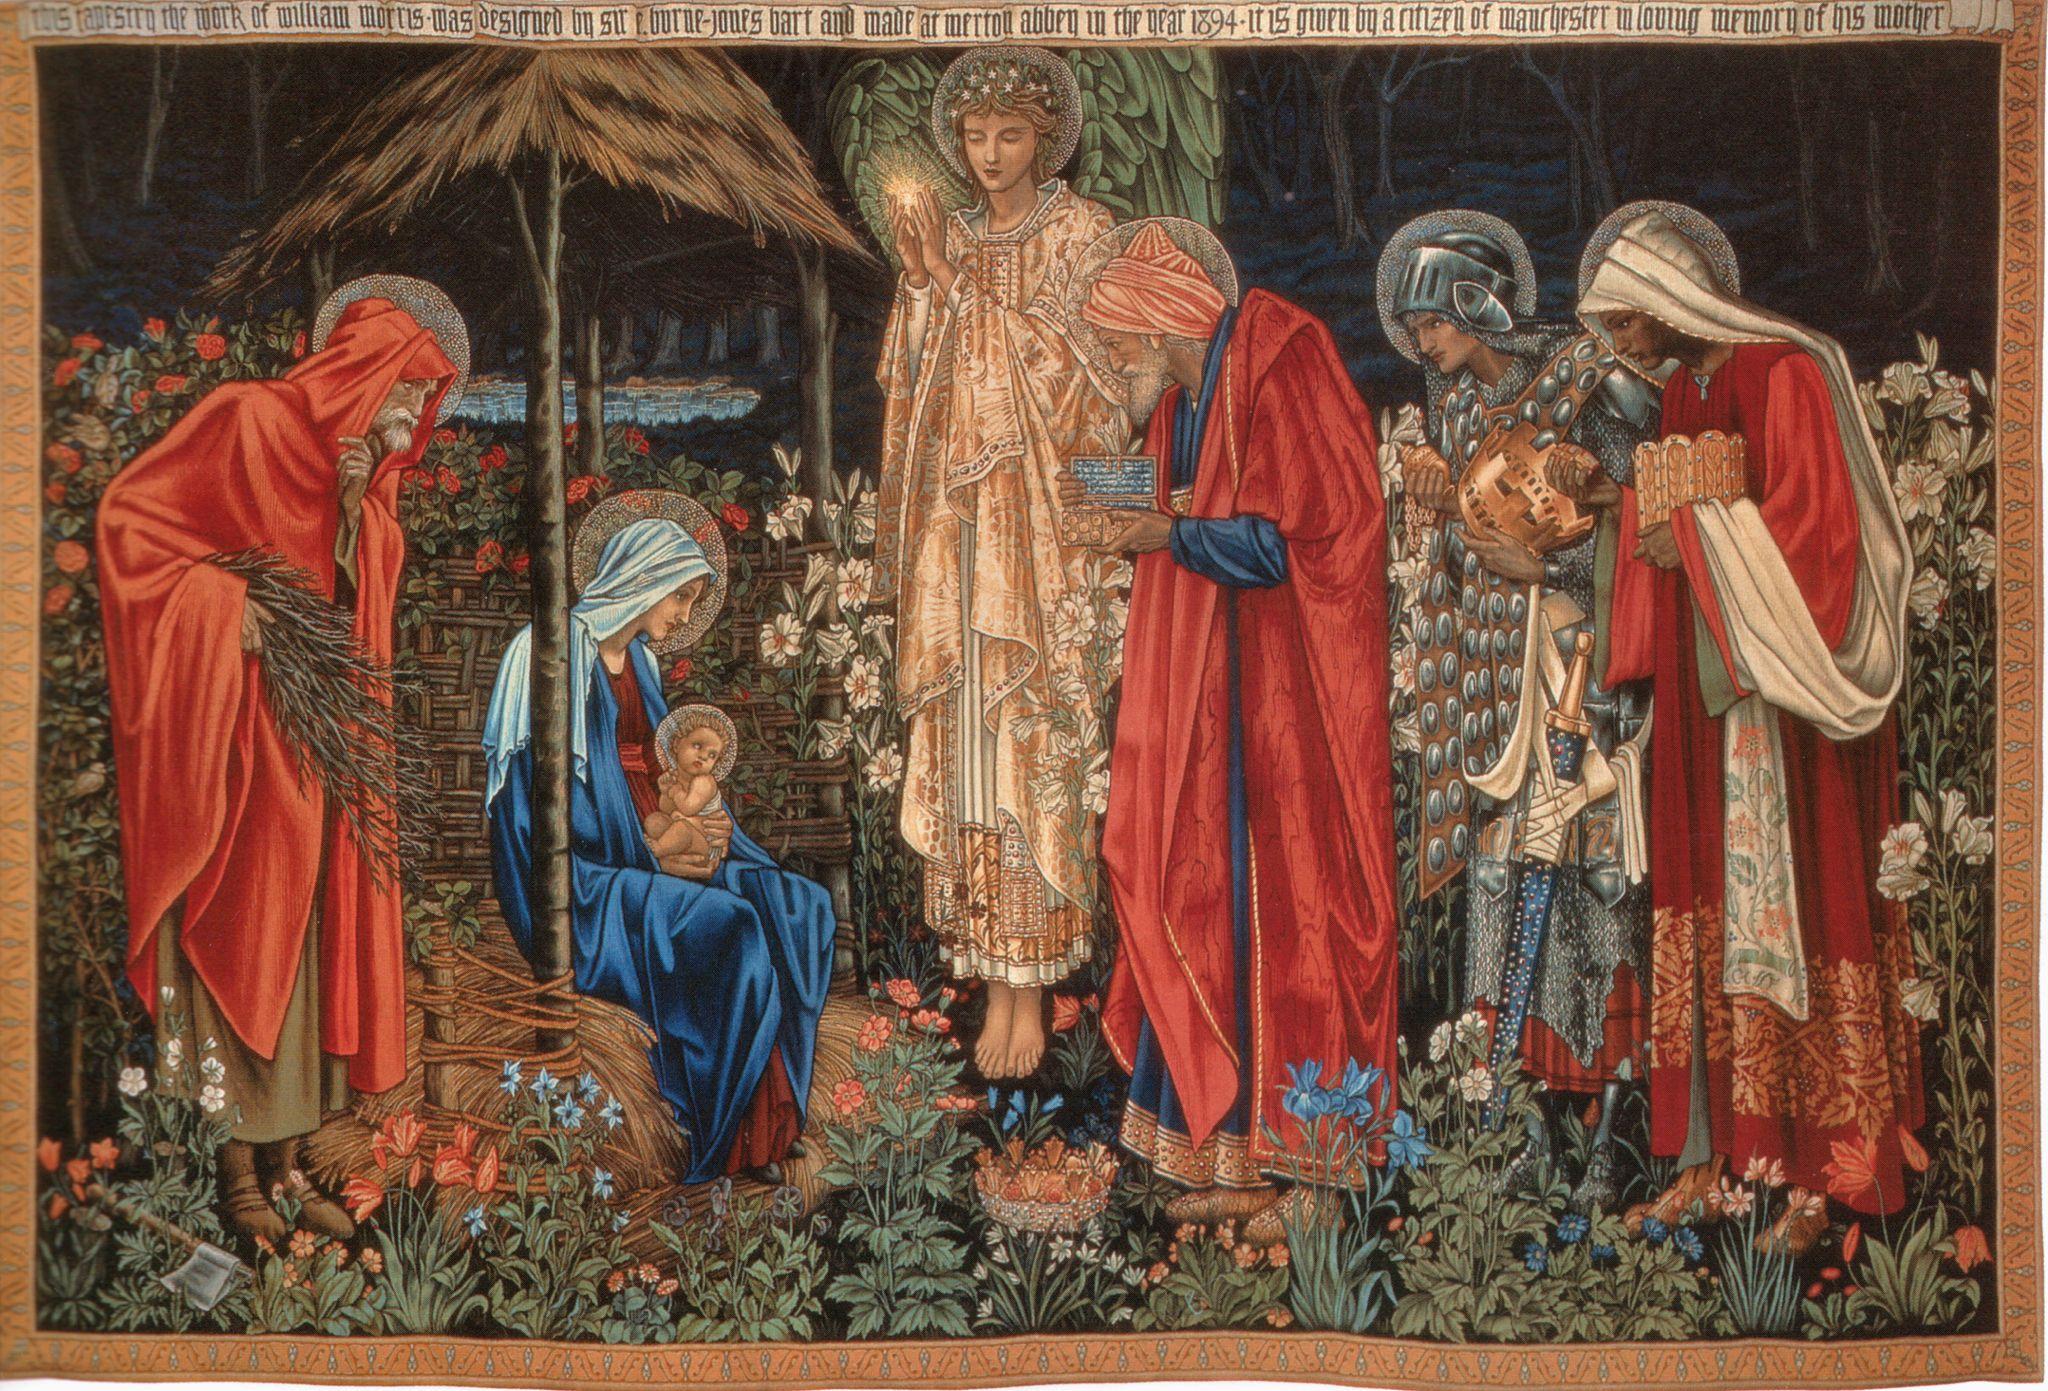 'La Adoración de los Magos' tapiz de Edward Burne-Jones (1833-1898). Diseñado en 1888 y fabricado en 1894.